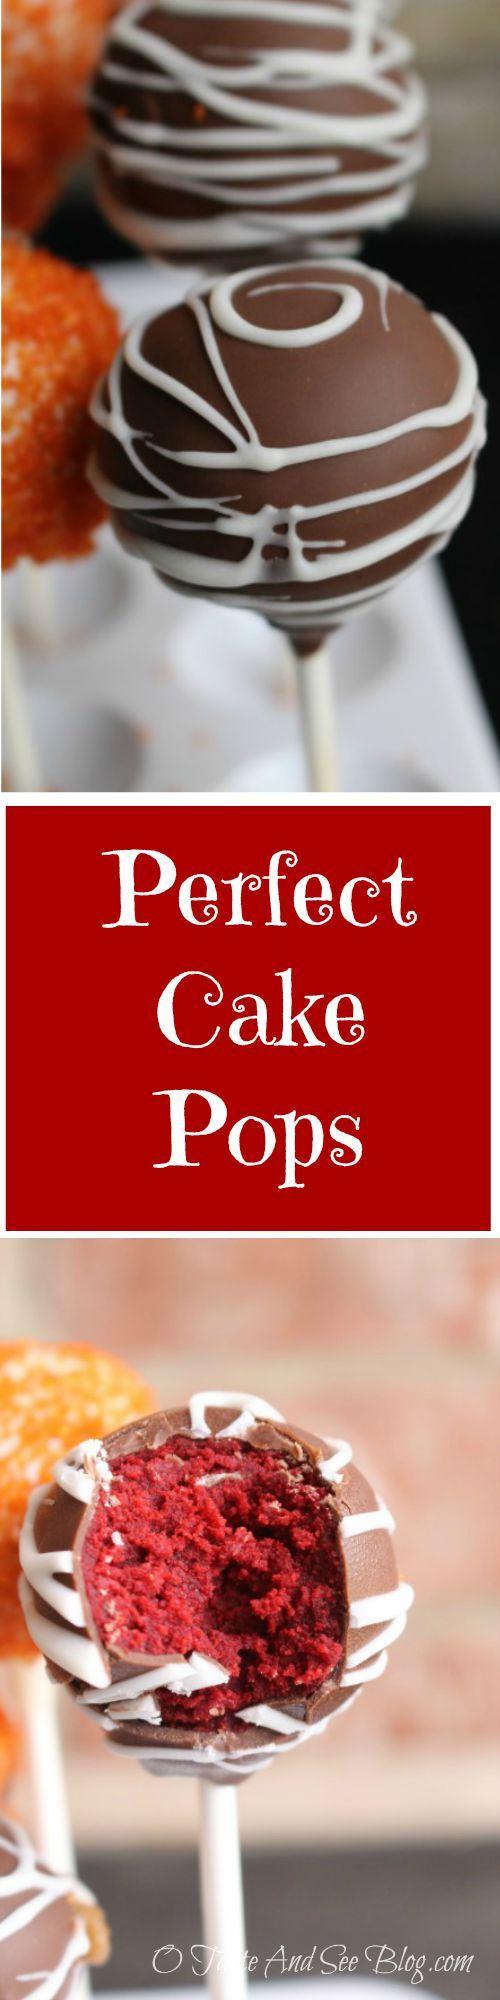 10 Geheimnisse für die perfekten Cake Pops – O Taste and See   – Food!